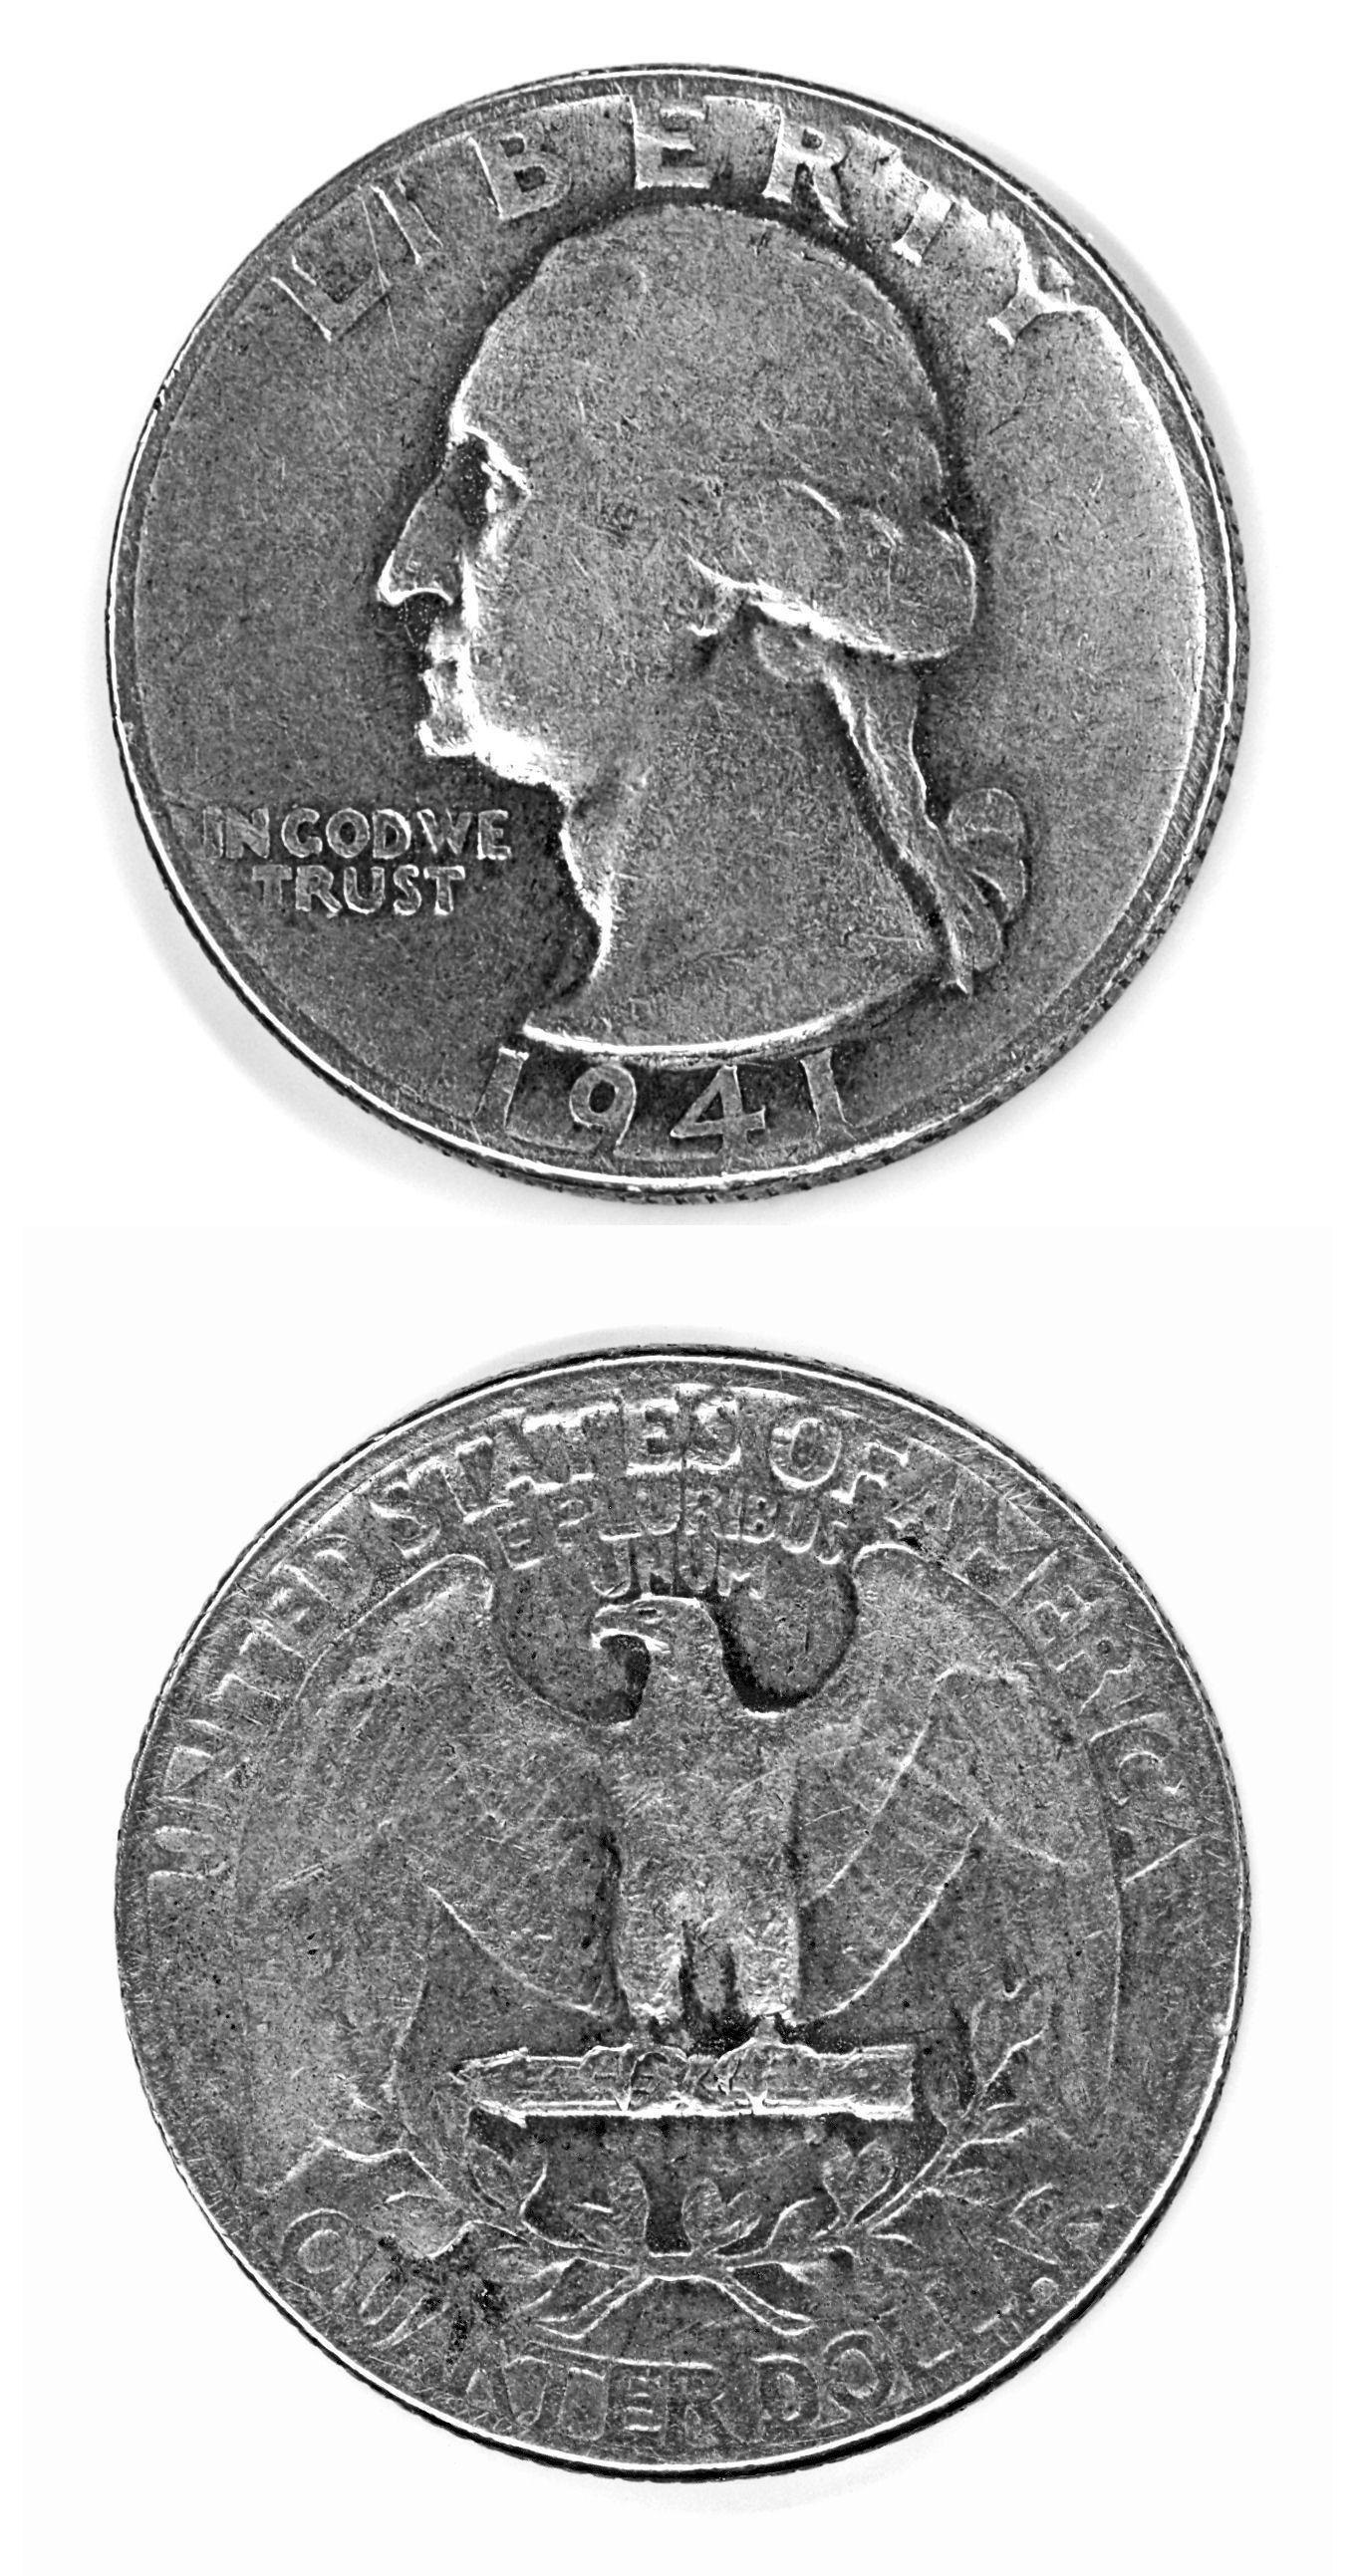 George Washington auf einer 25 Cent-Münze